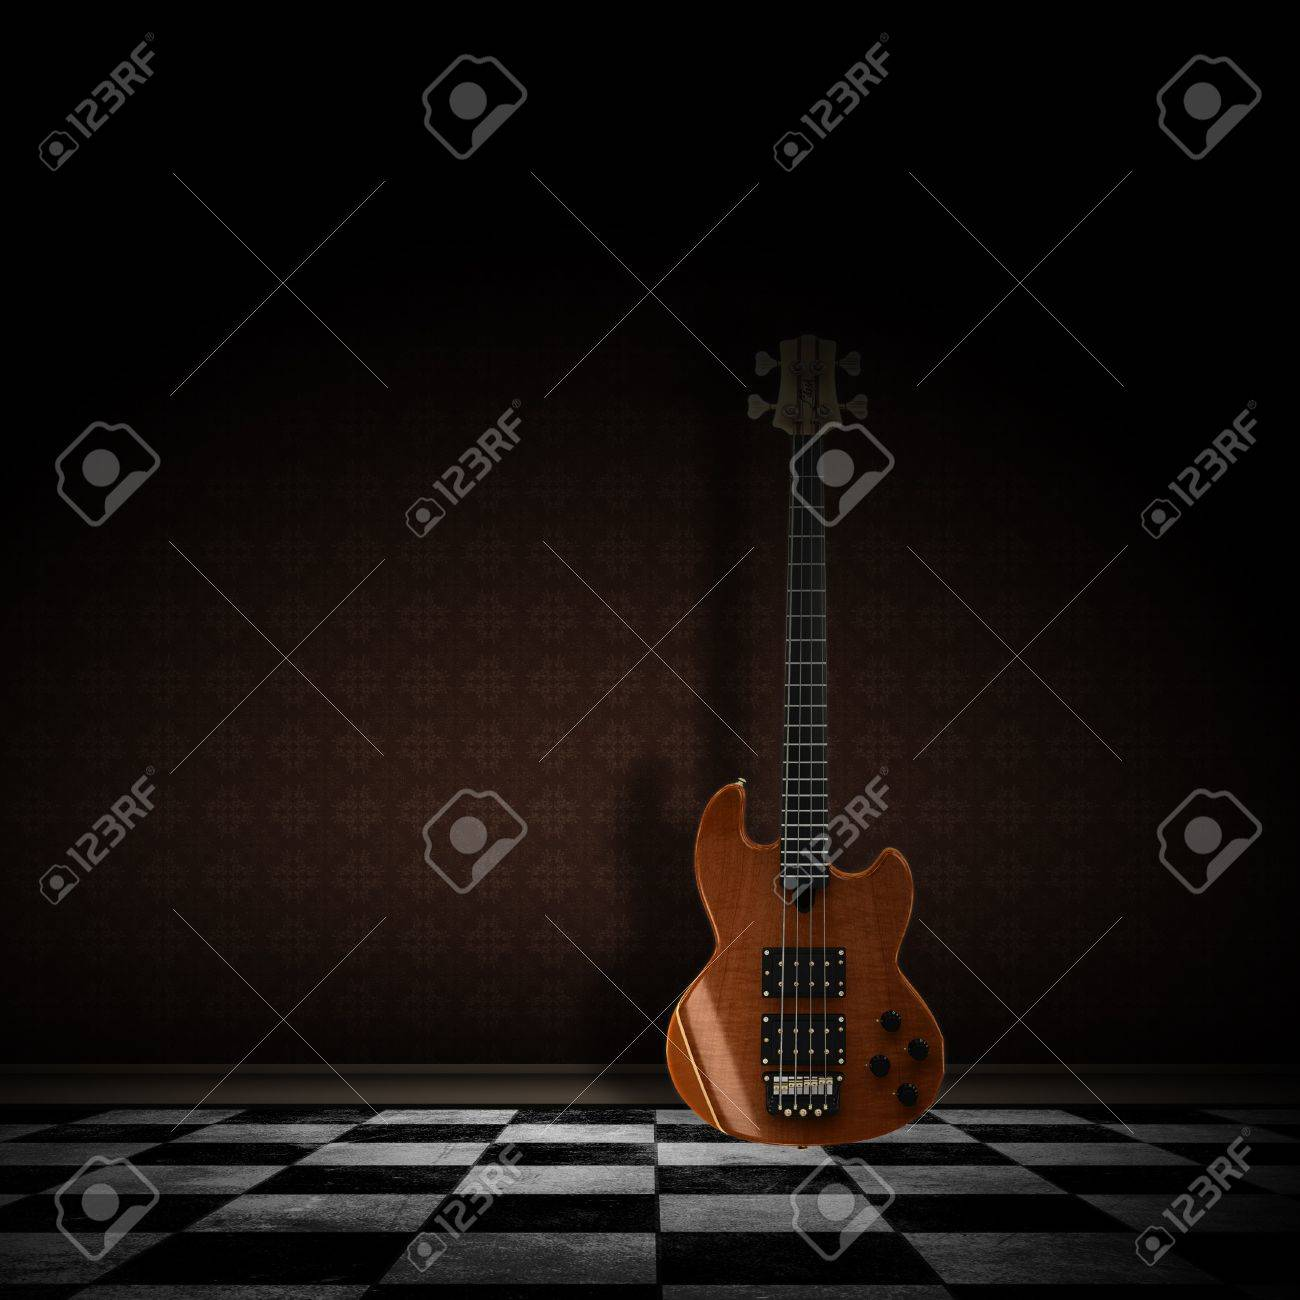 レトロな壁紙と市松模様の床と暗い部屋で 3 D ギター の写真素材